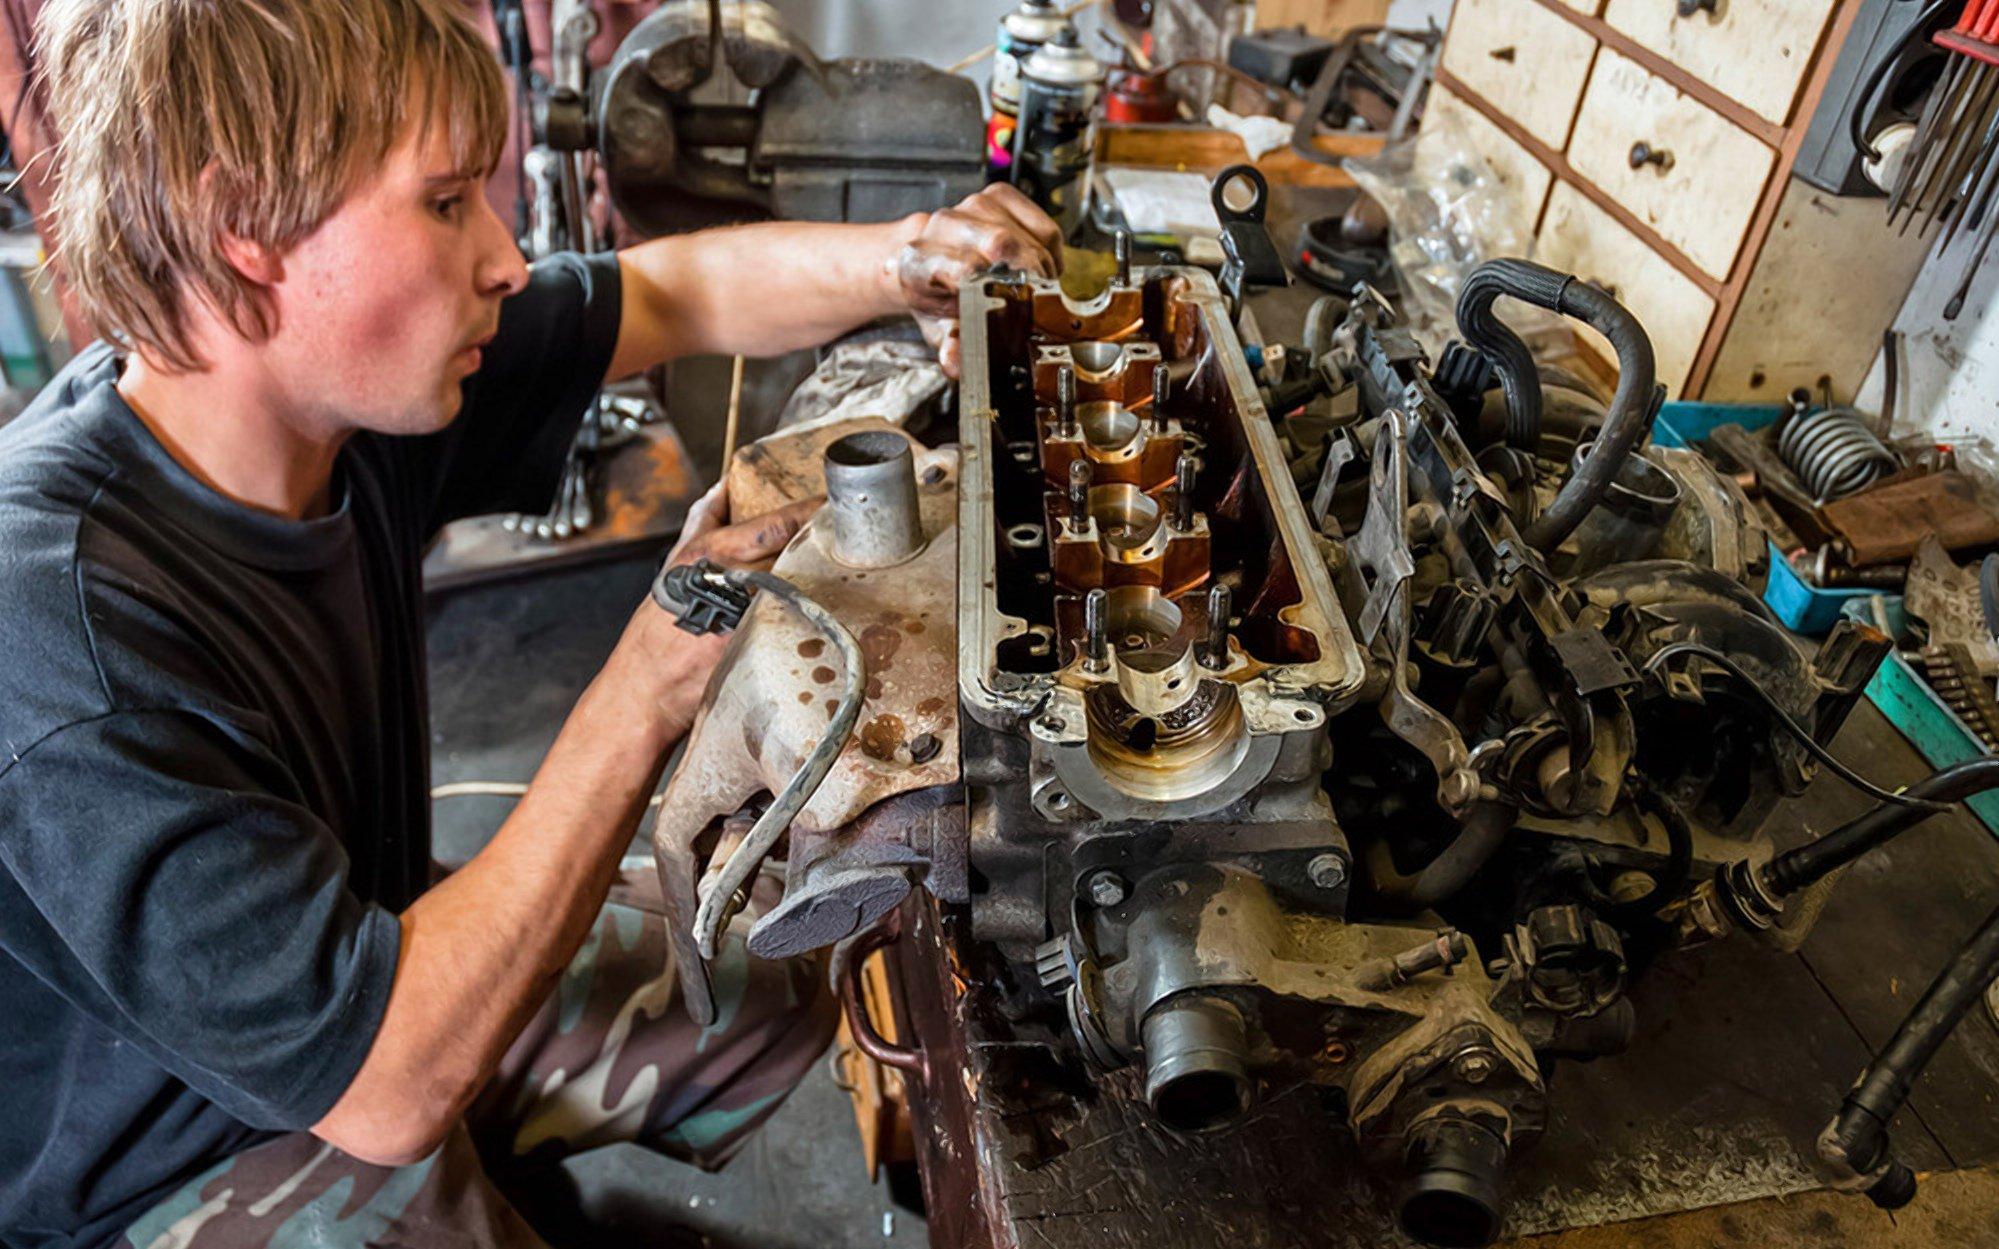 Как проверить двигатель при покупке б/у авто